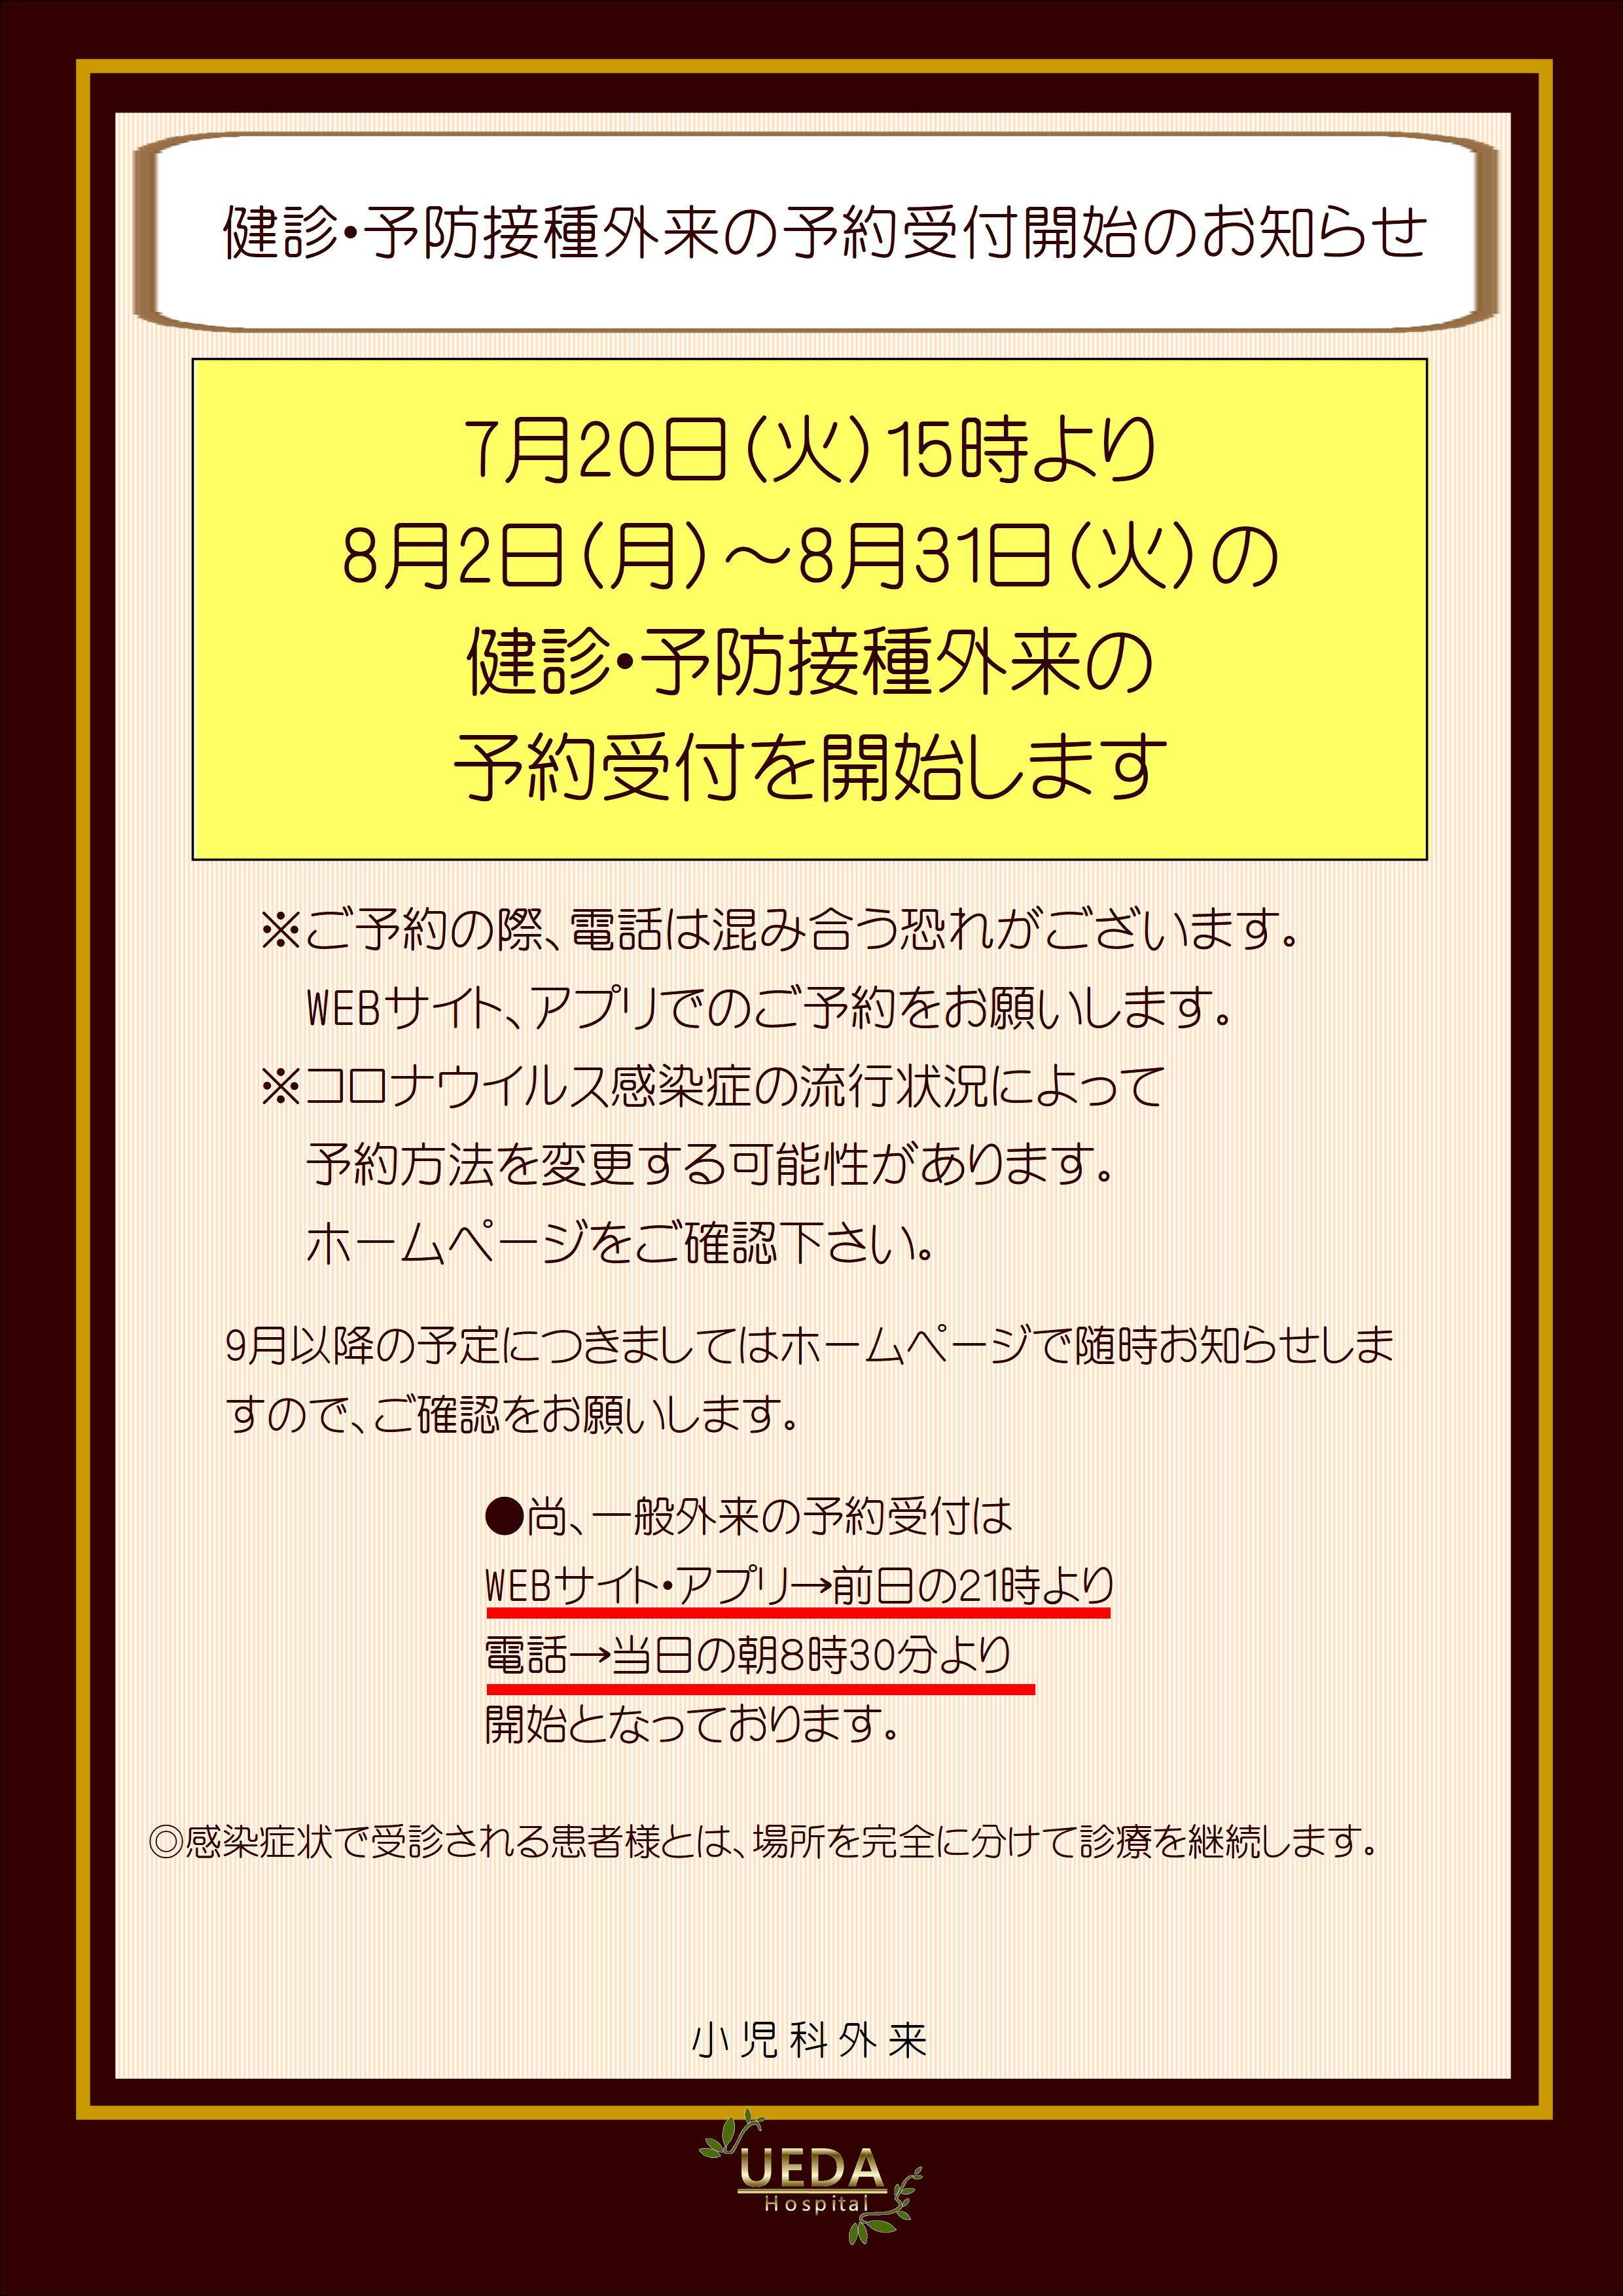 8月健診・予防接種外来予約受付.JPG